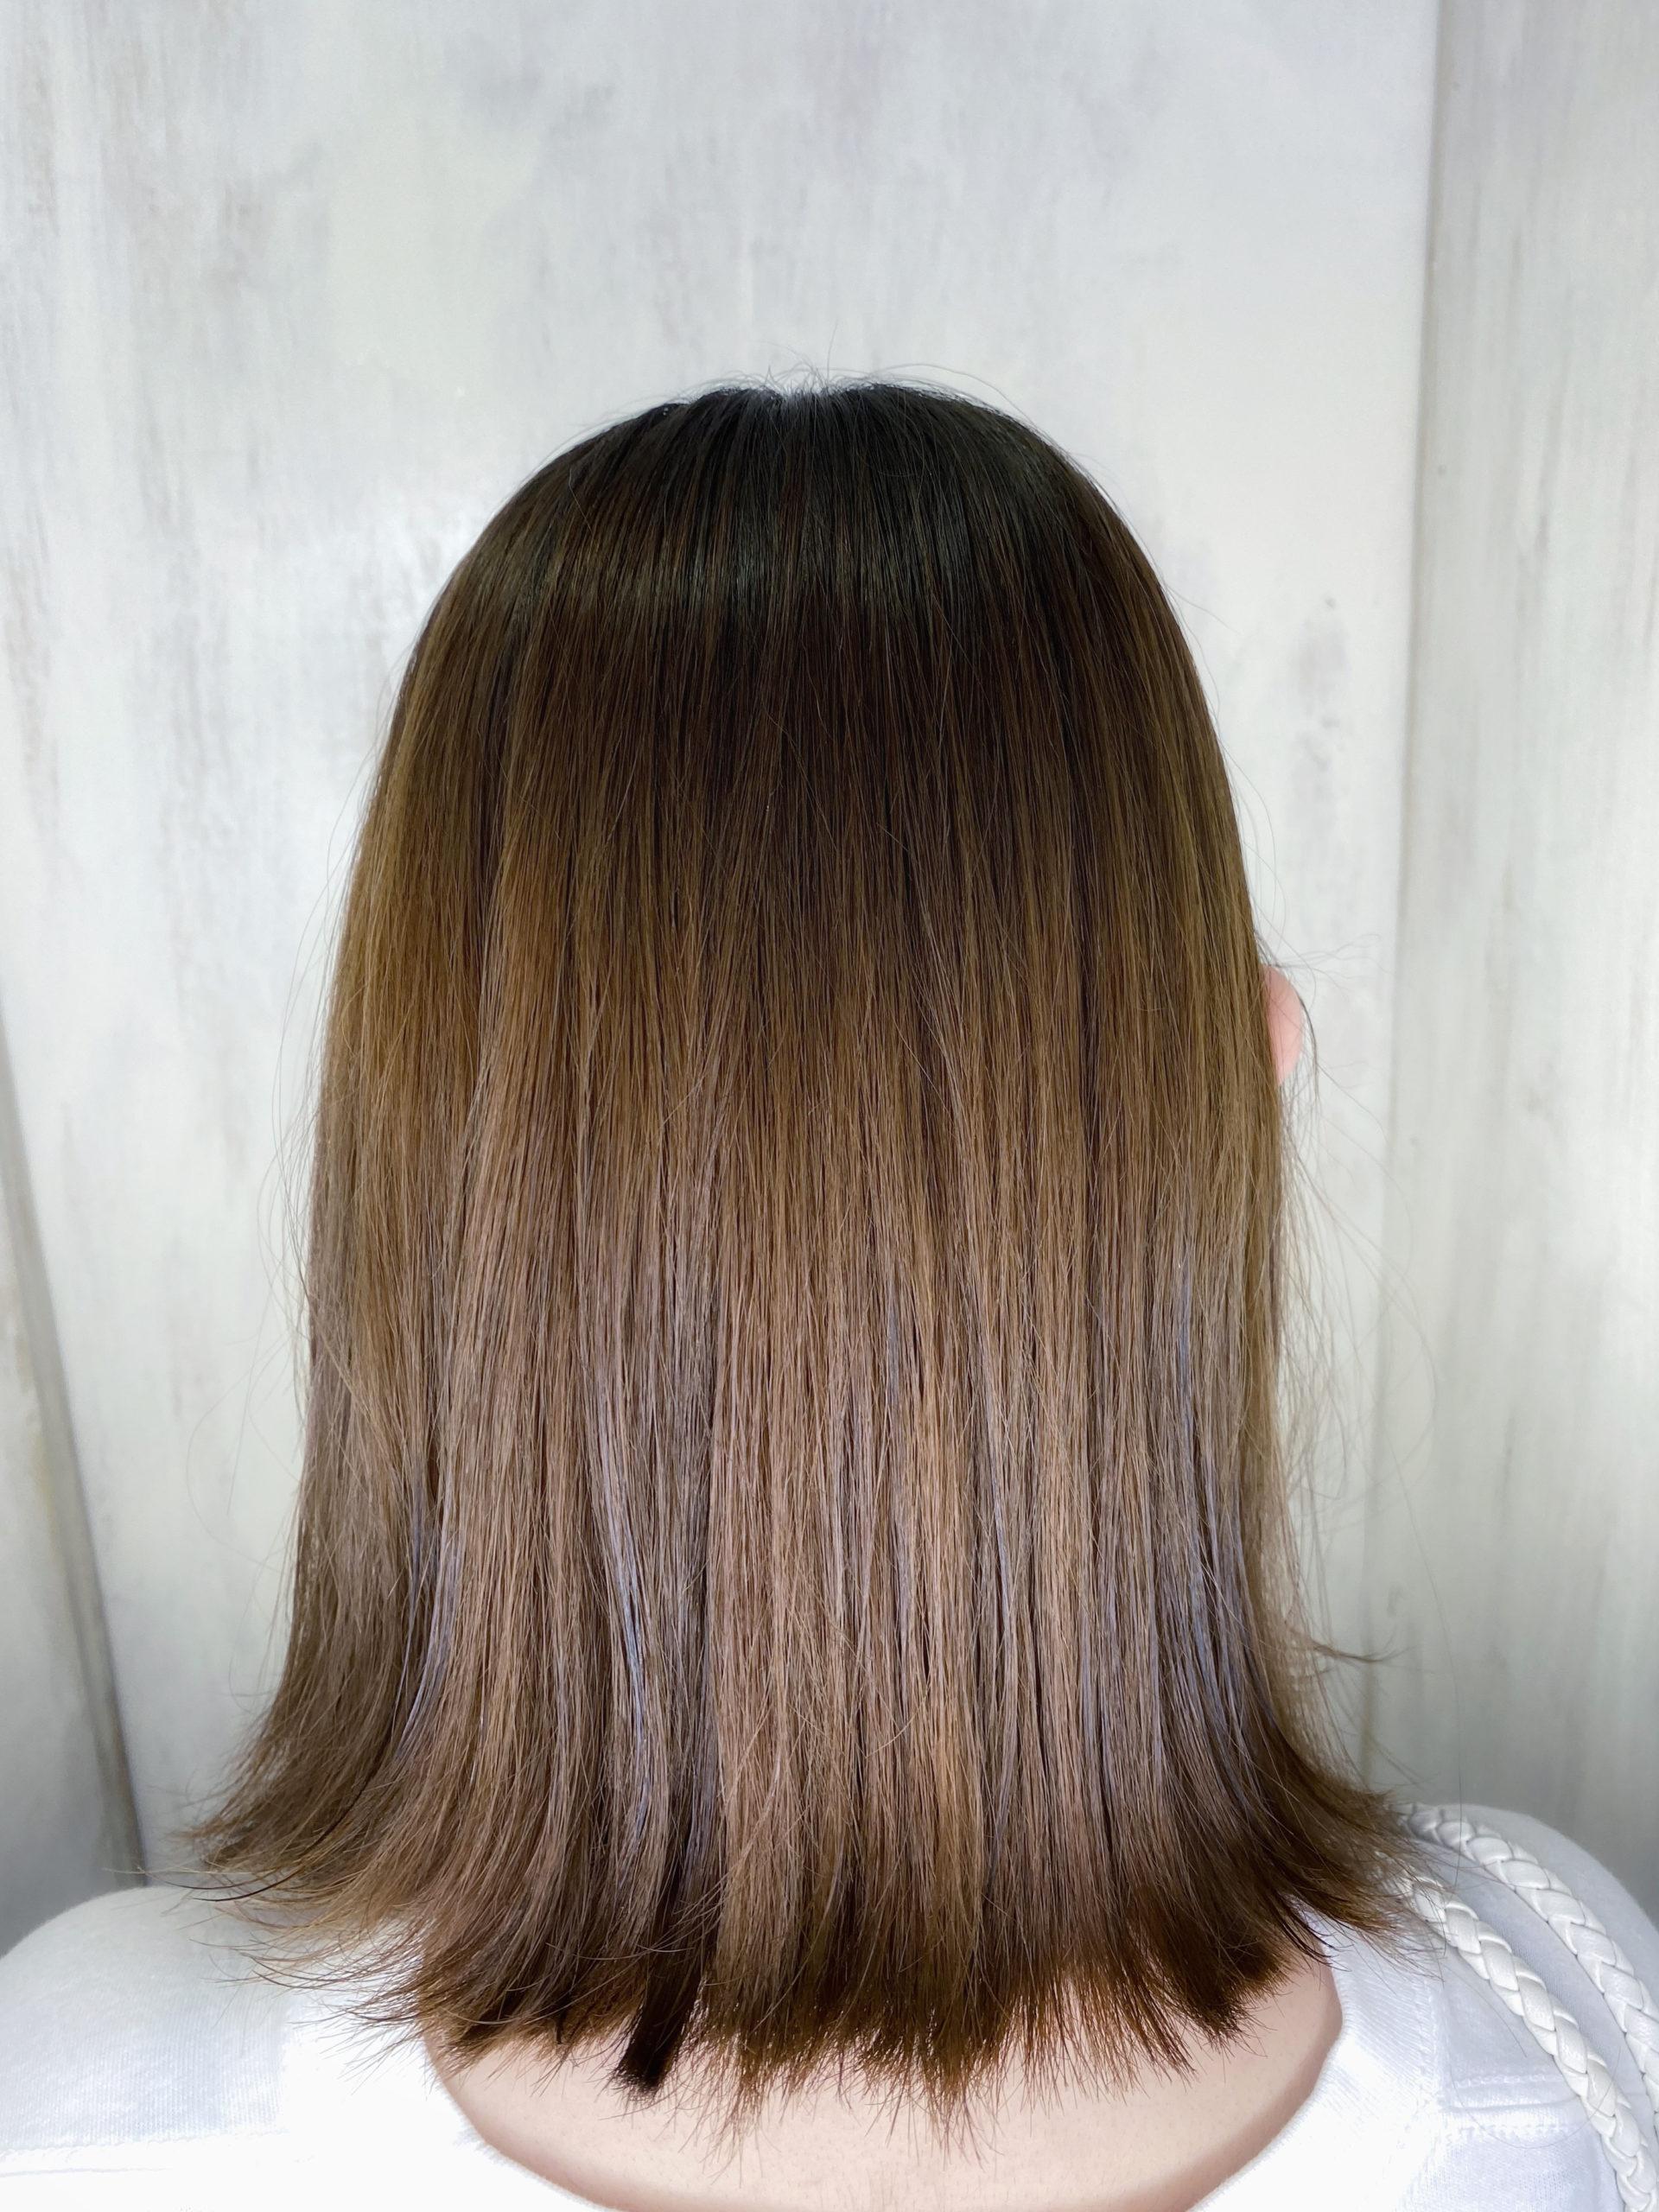 ブリーチ毛の方をばっさりカットと縮毛矯正でつやっつやの艶髪ストレートヘアに変身。